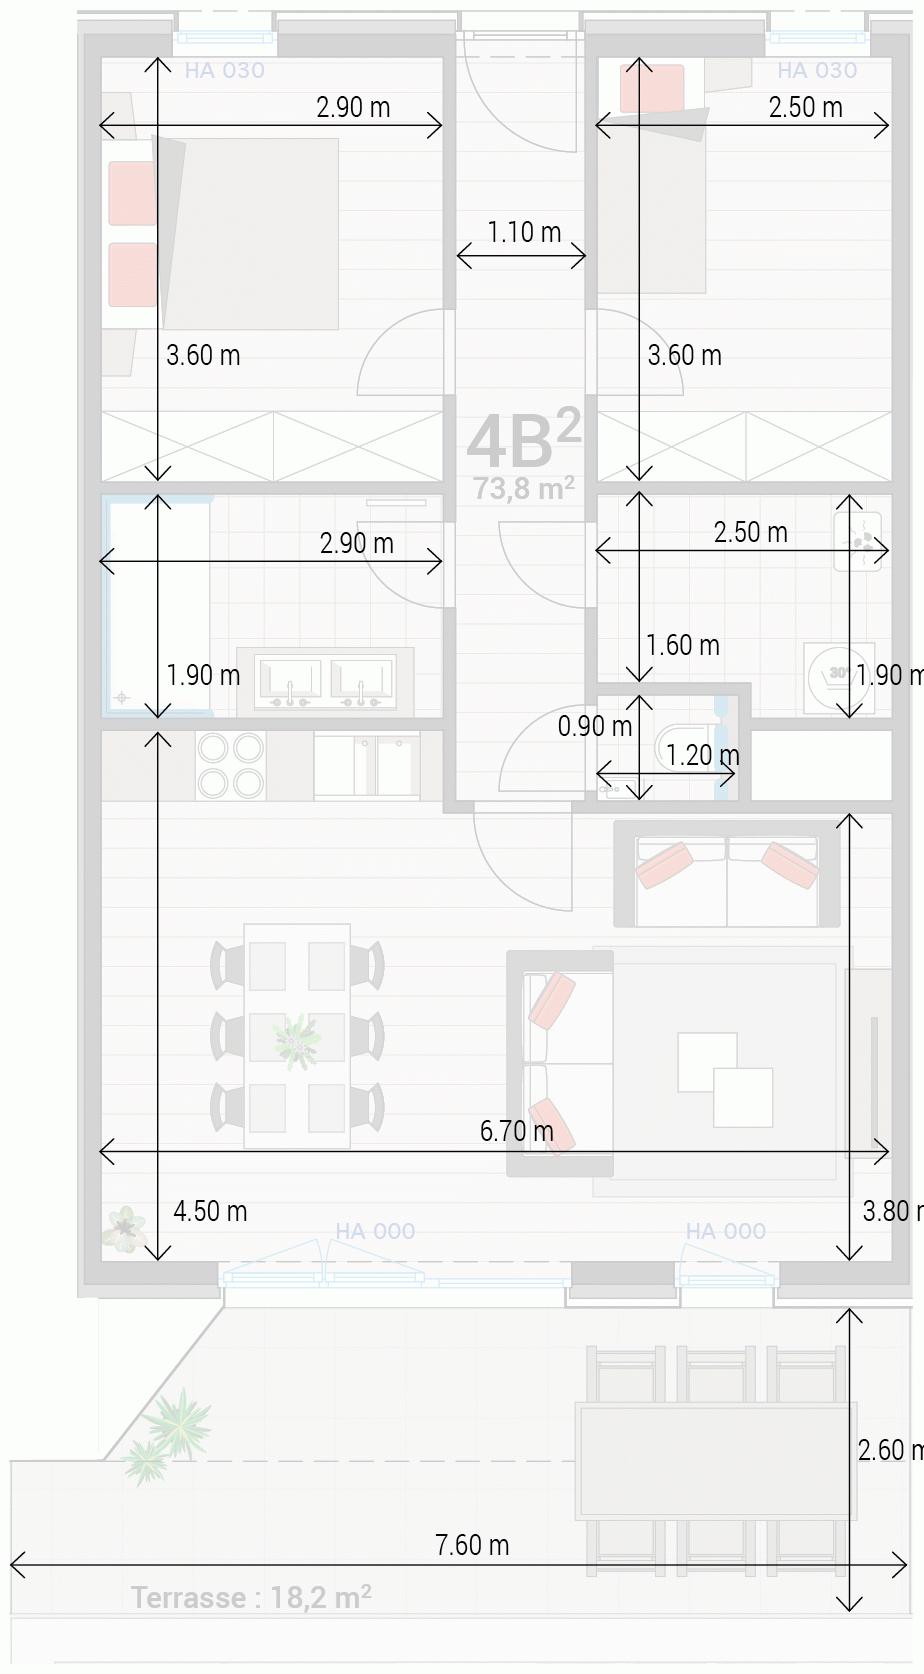 Appartement 4B